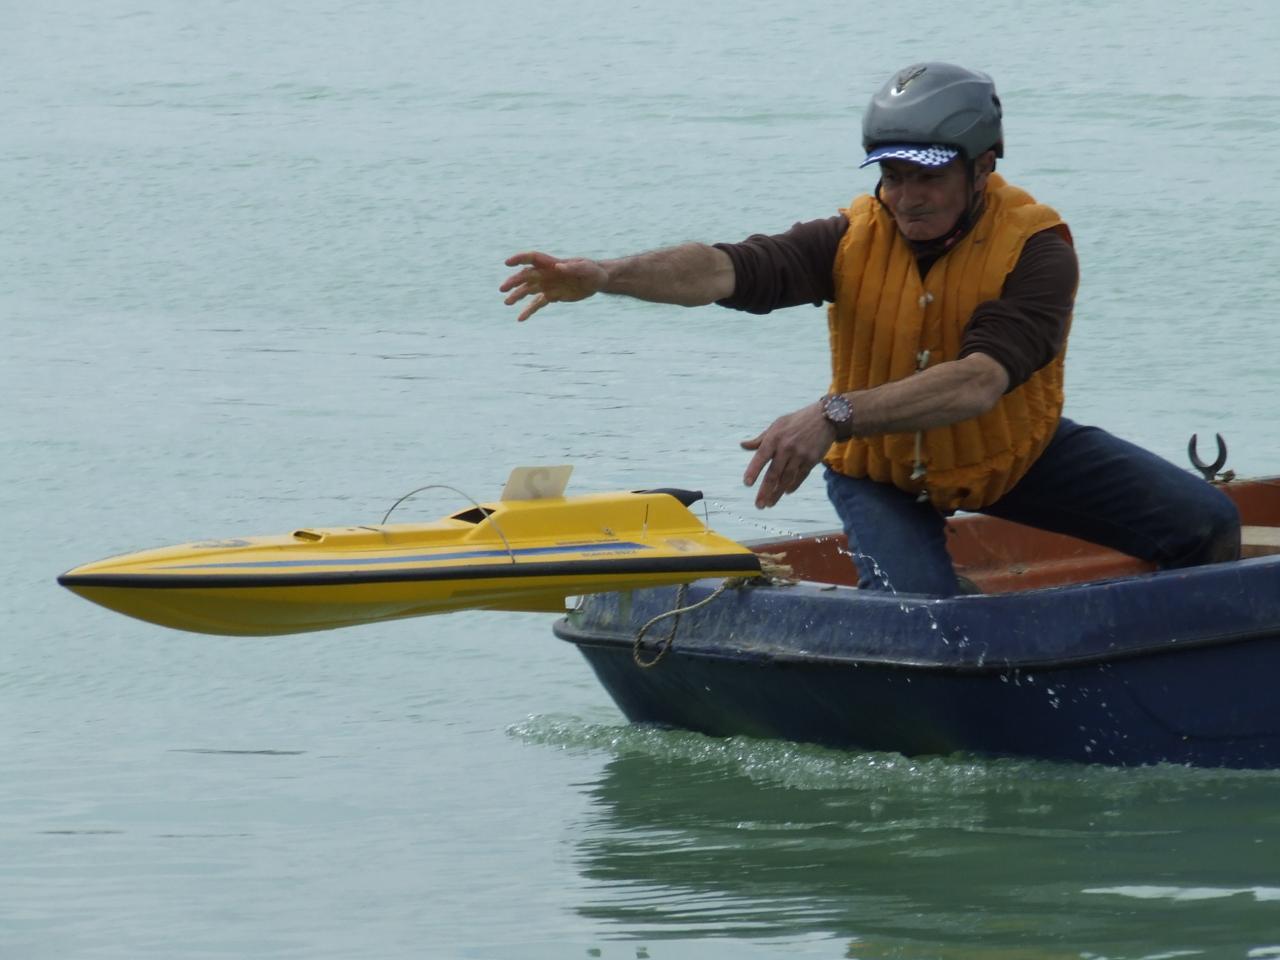 récupération d'un bateau